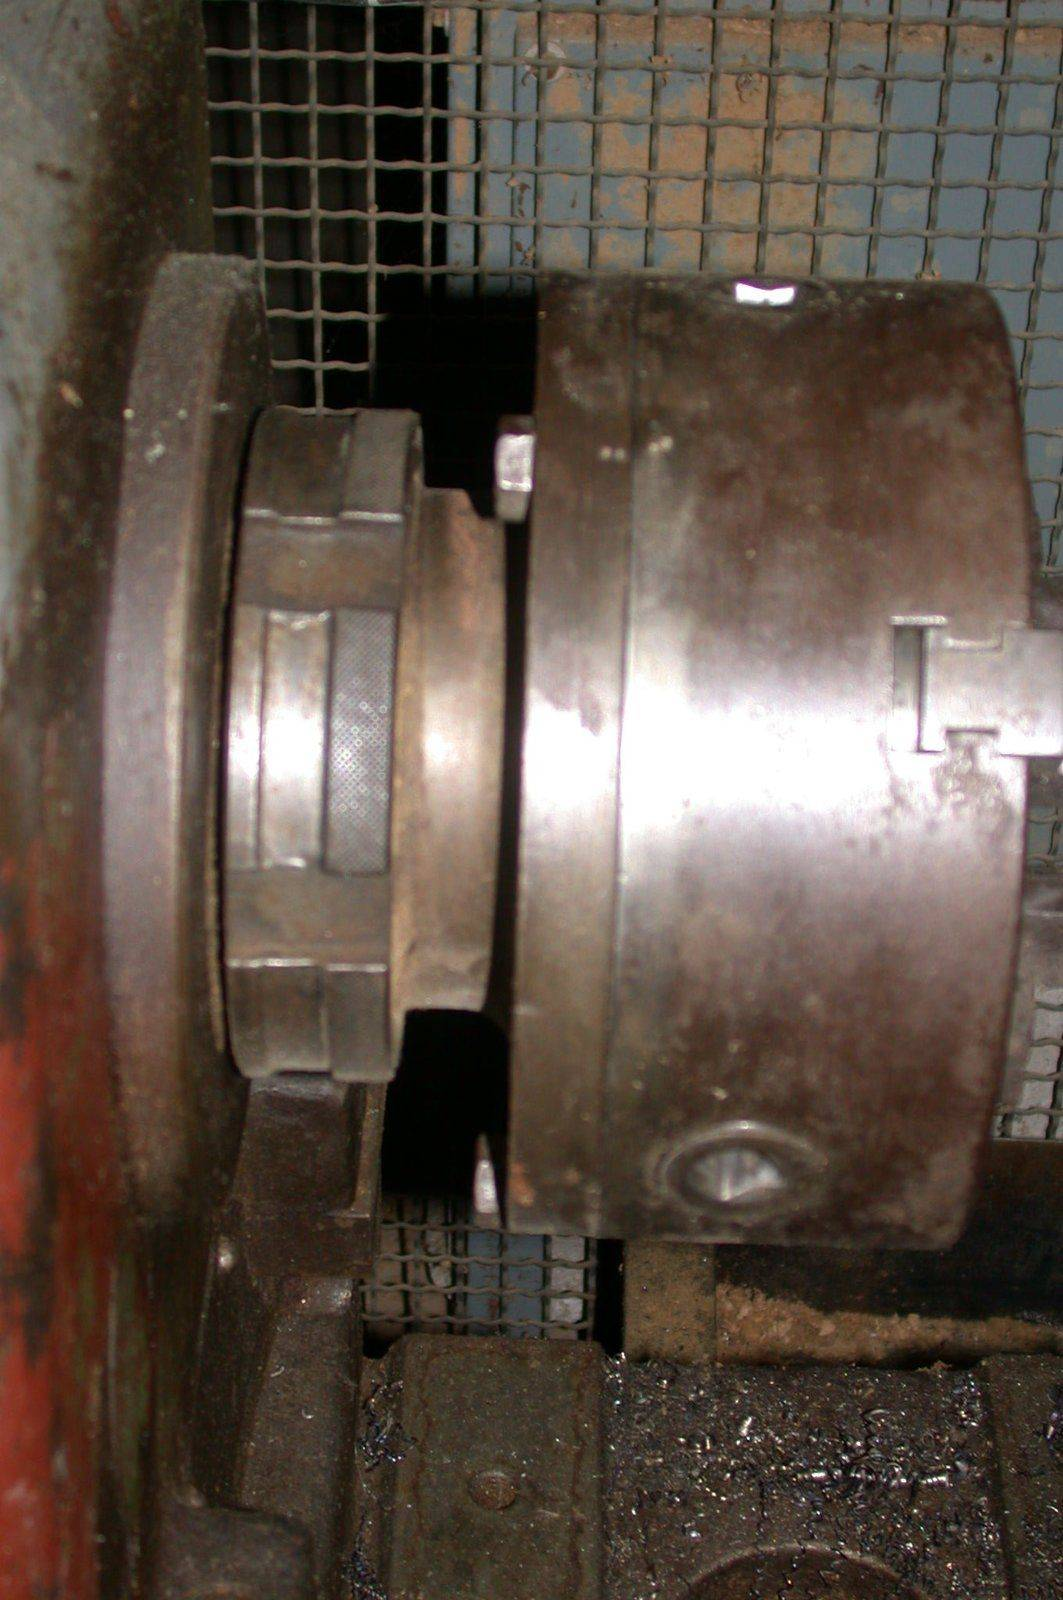 DSCN6989.JPG